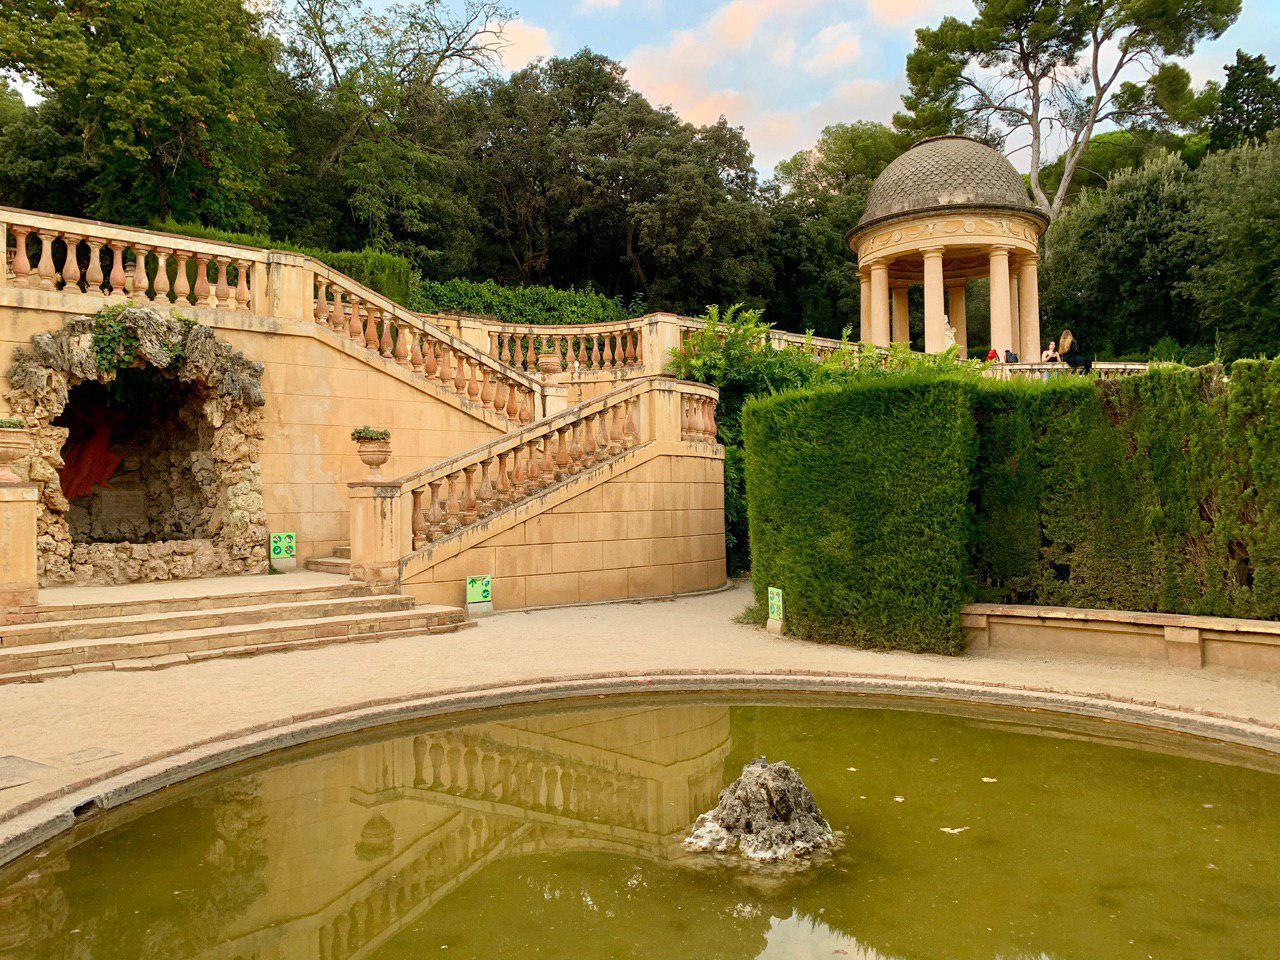 parco del labirinto di horta barcellona